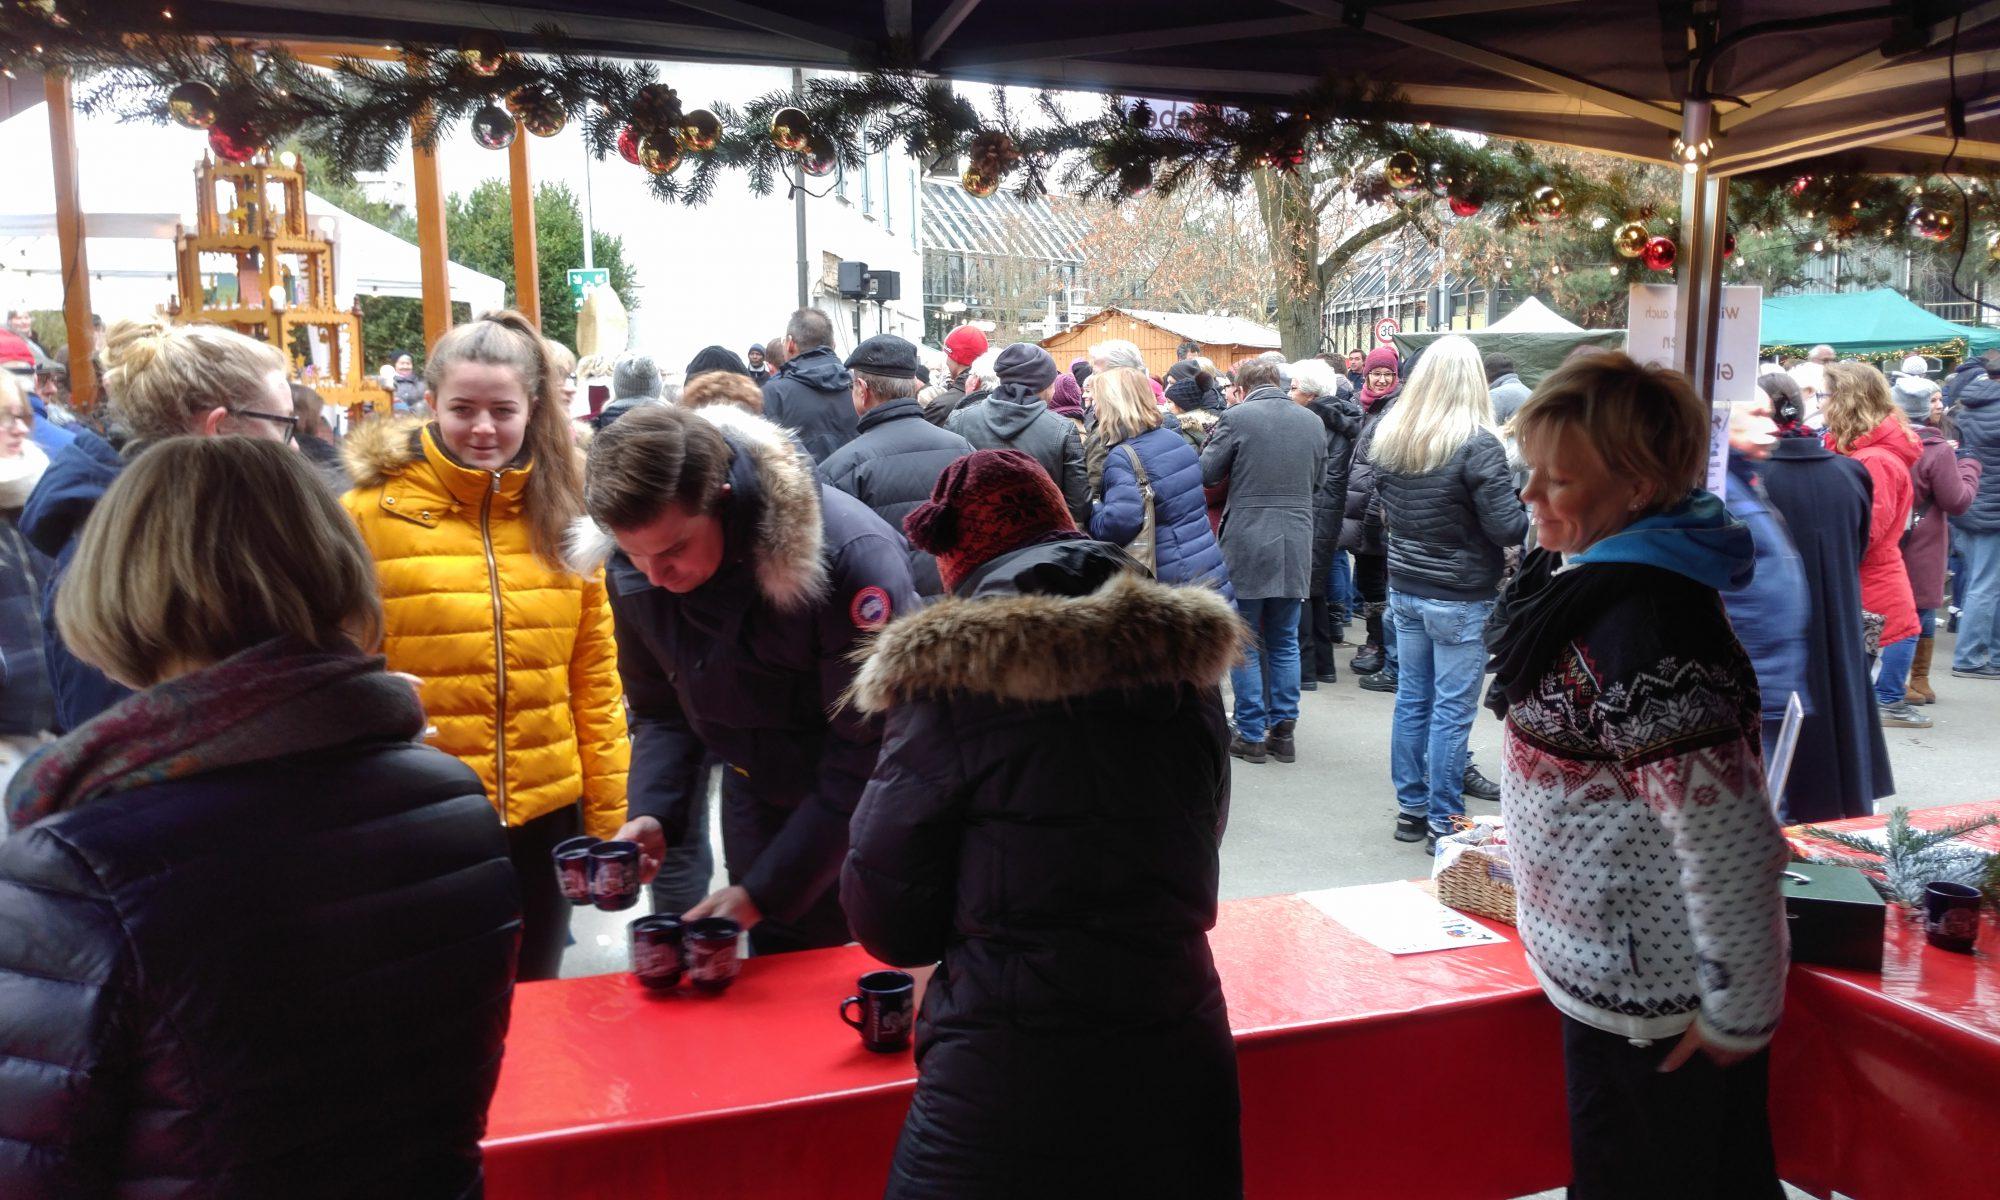 Weihnachtsmarkt Maichingen - Impressionen am BVL Stand 1